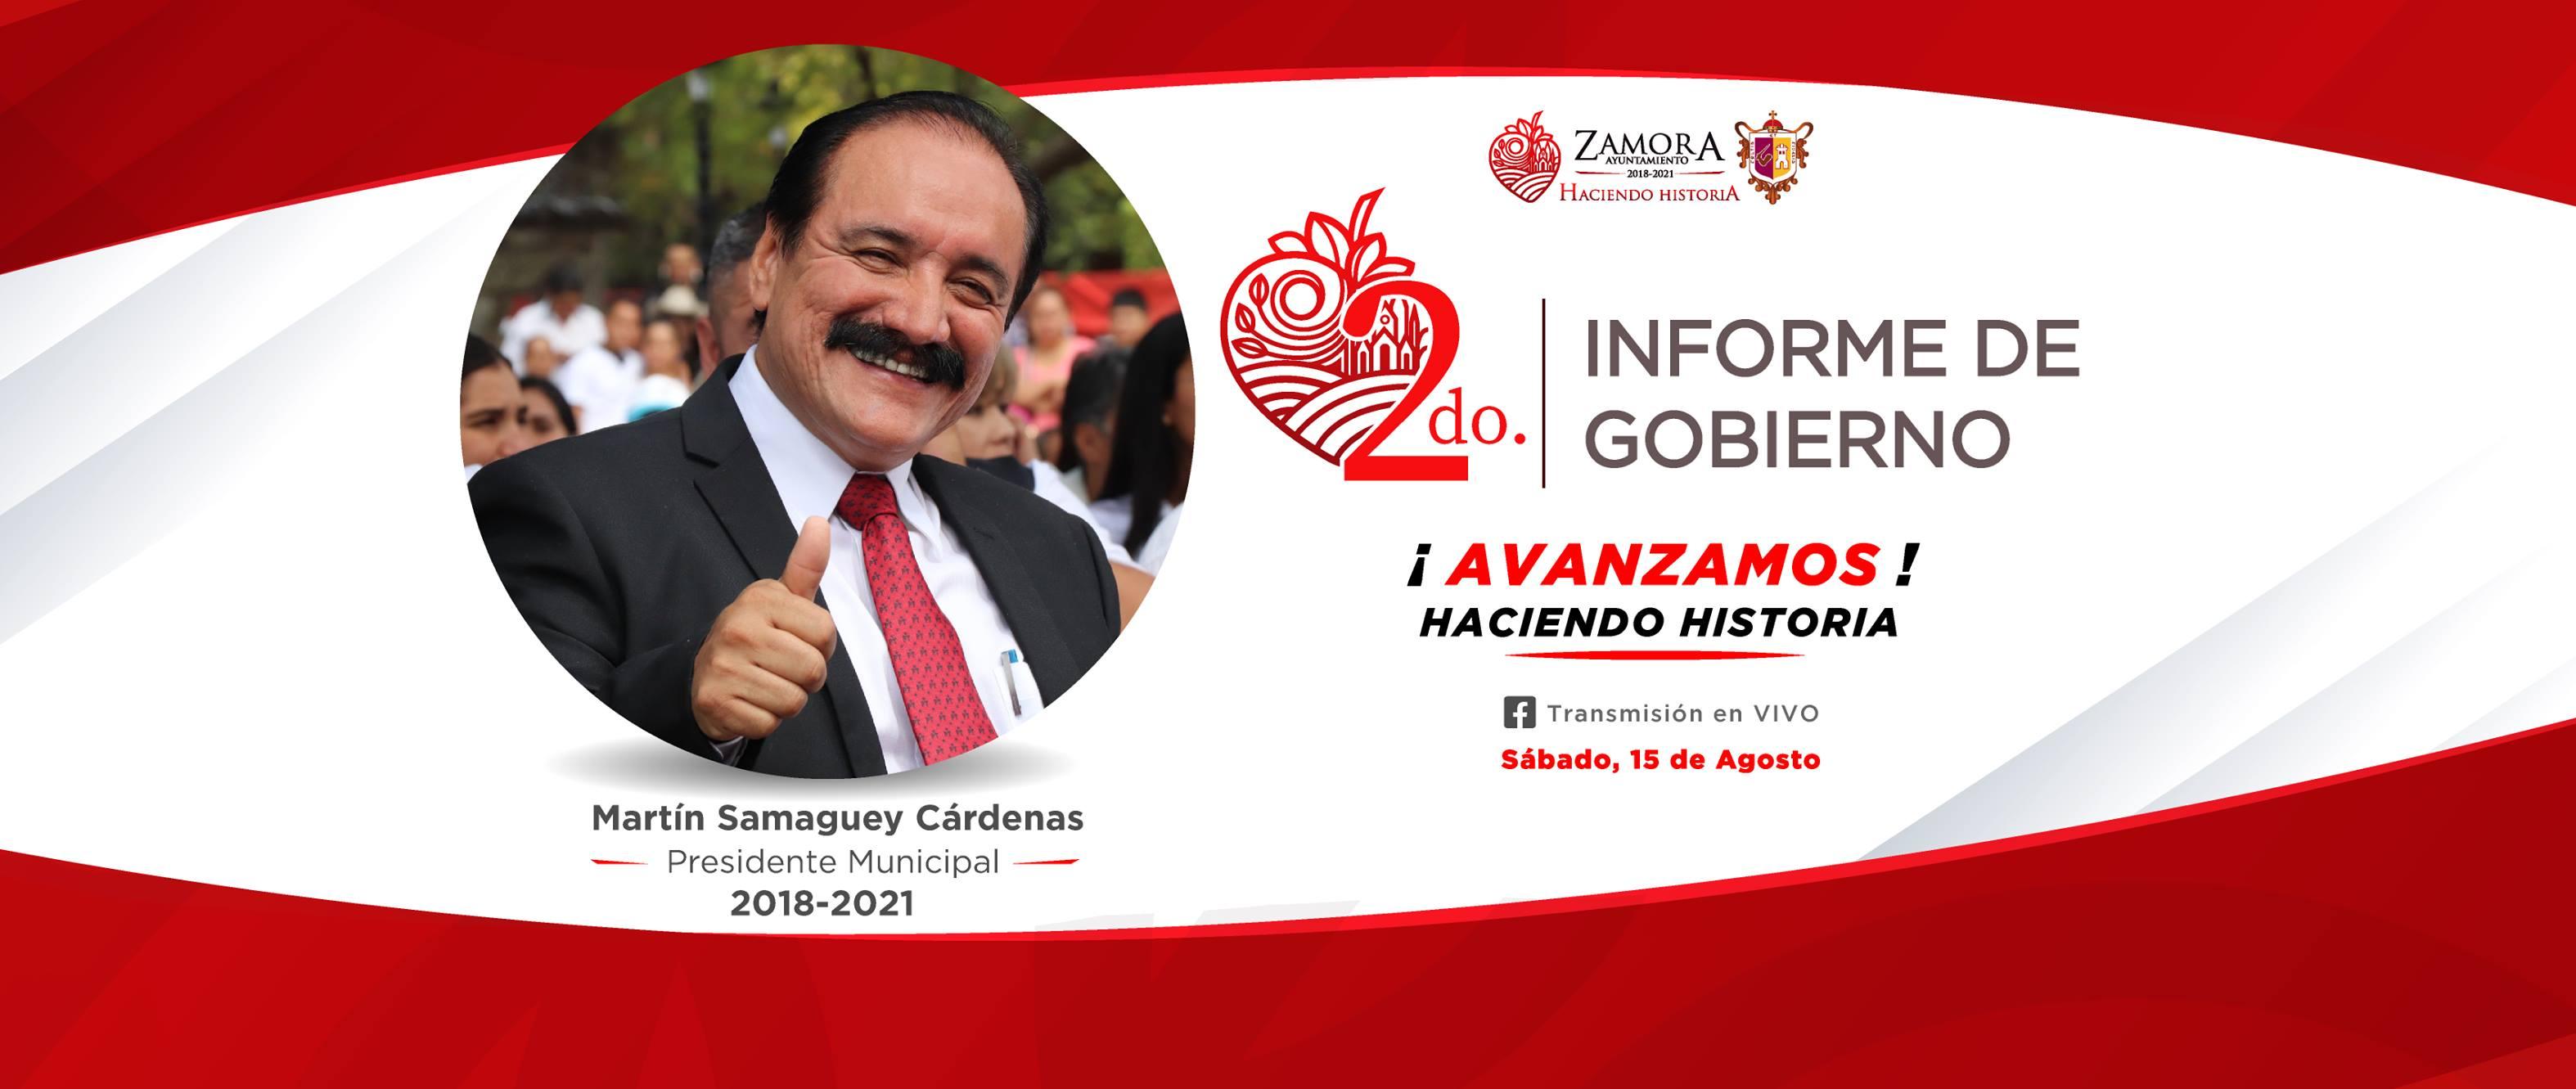 https://www.facebook.com/HaciendoHistoria.Zamora/?epa=SEARCH_BOX